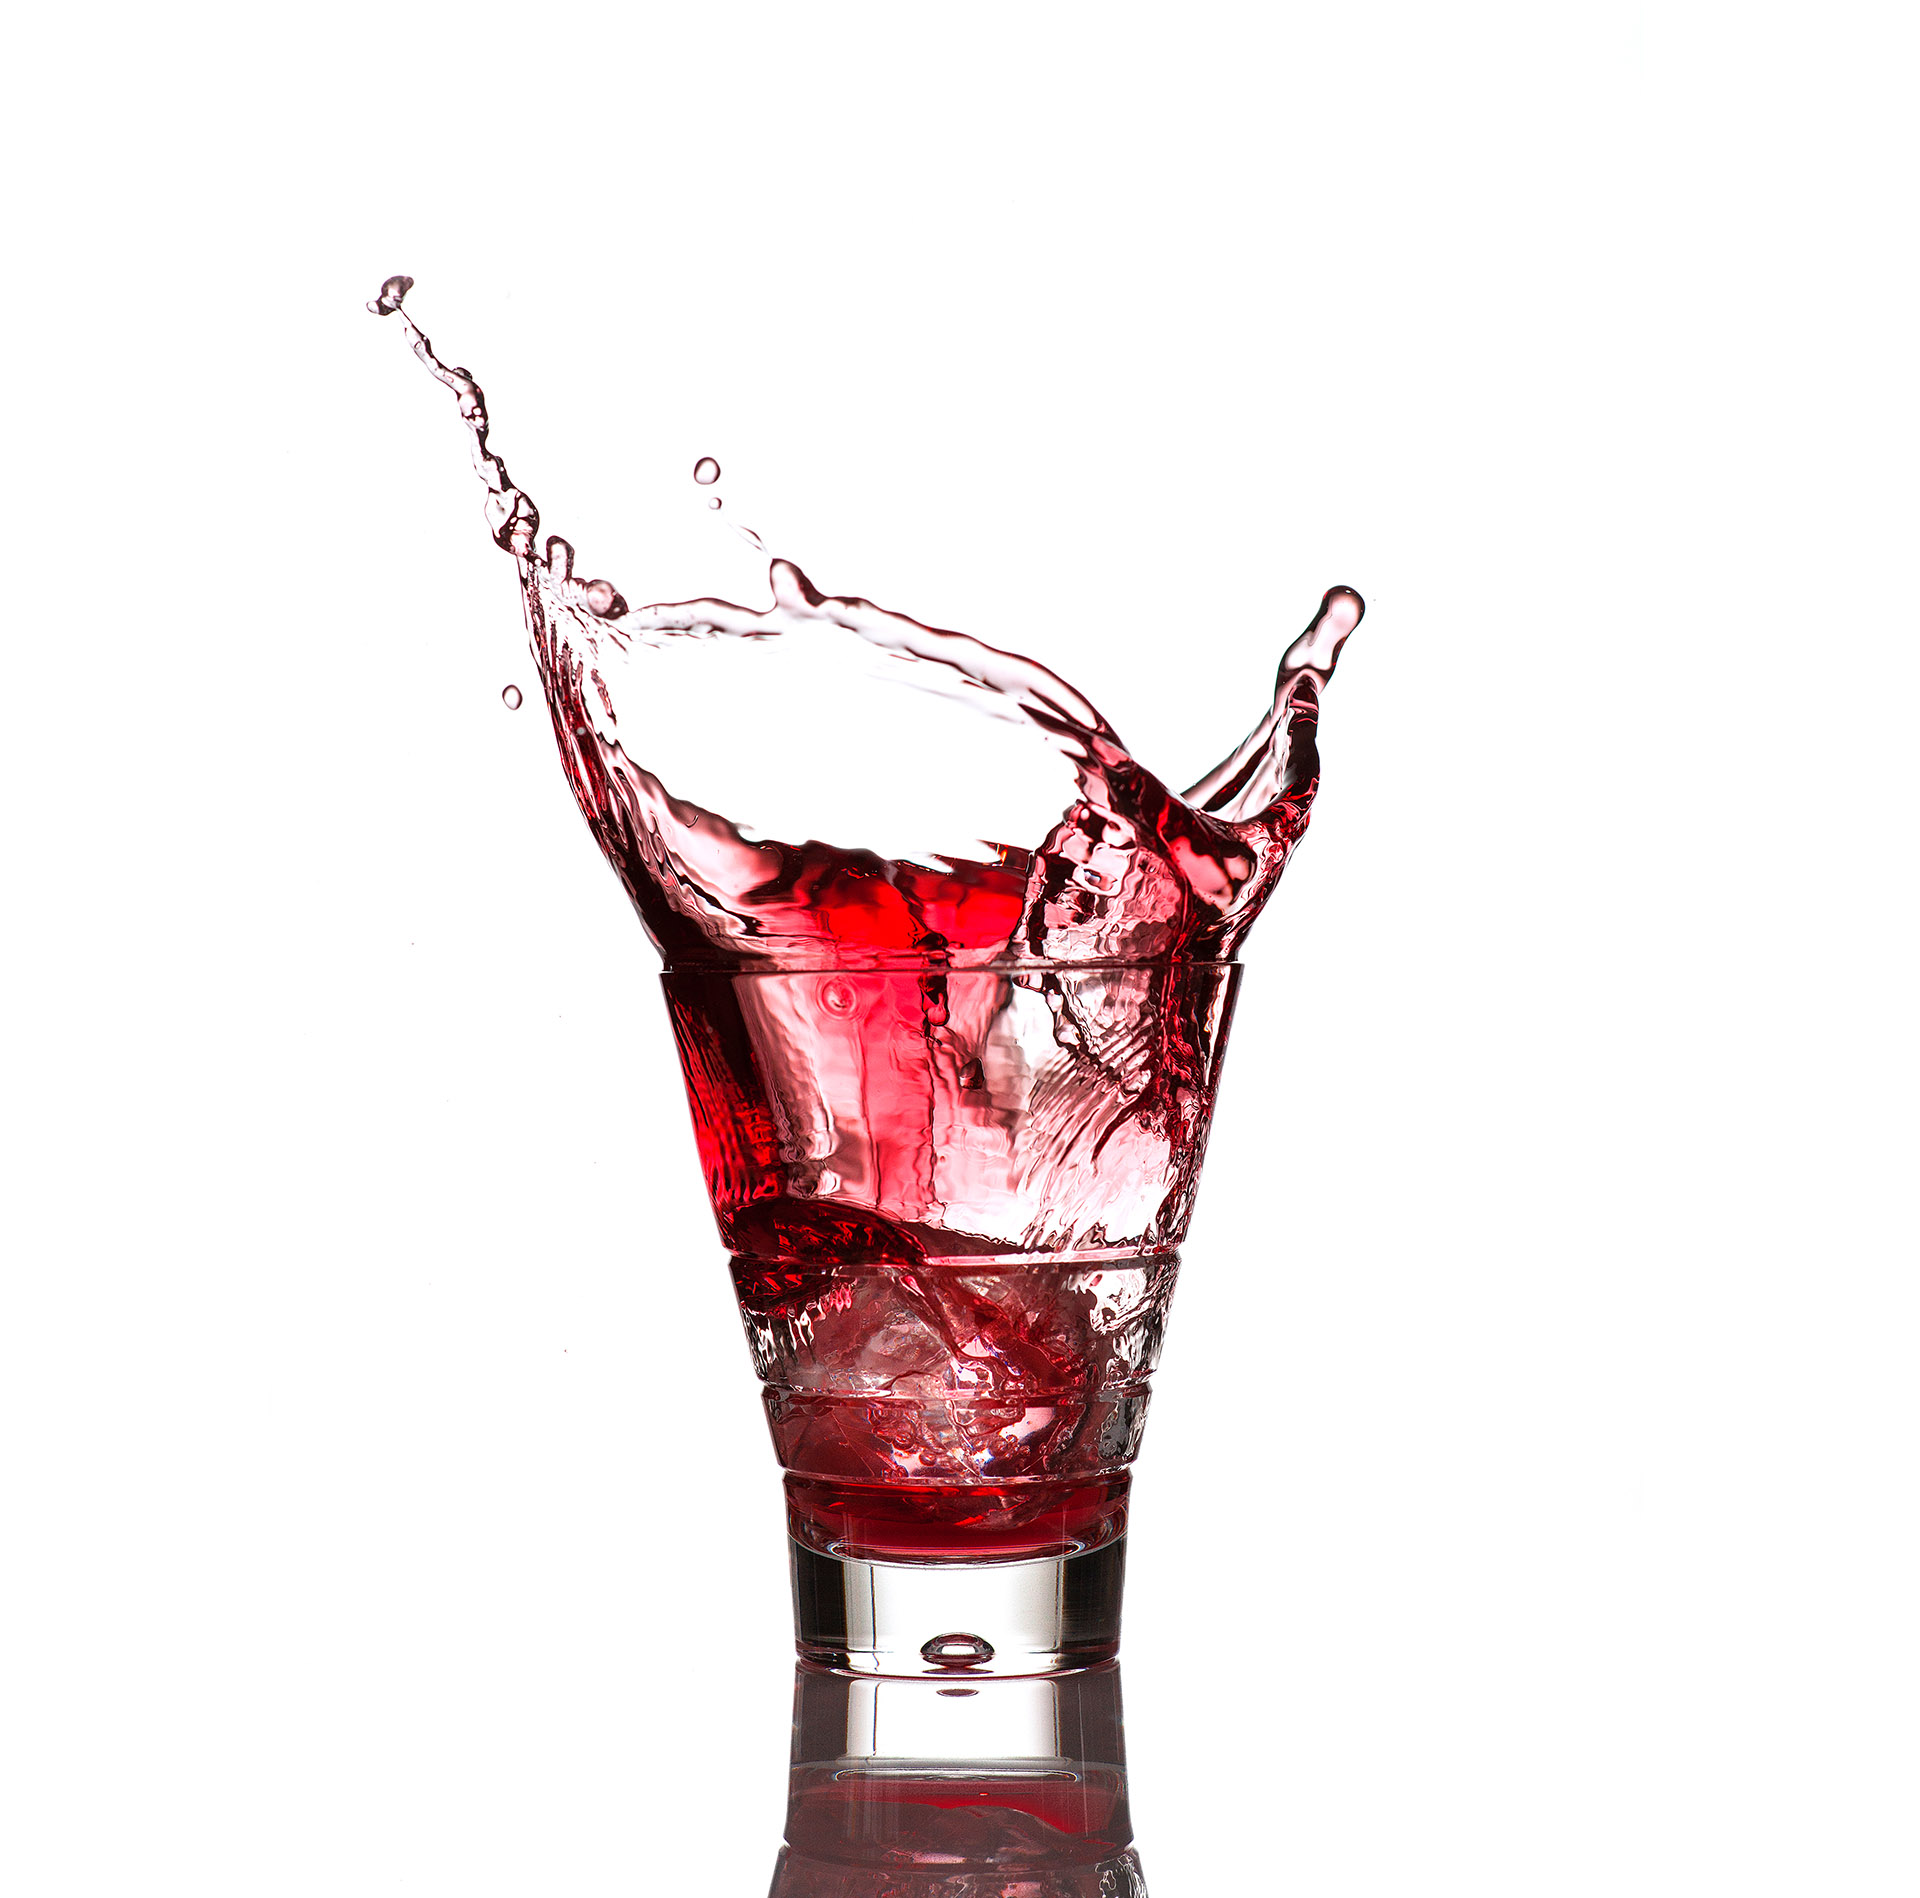 Fotodesign Werbefotografie Produktfotografie Fotostudio Oberfranken Splash aus Campari Glas mit Getränk und Eiswürfeln. Feigfotodesign